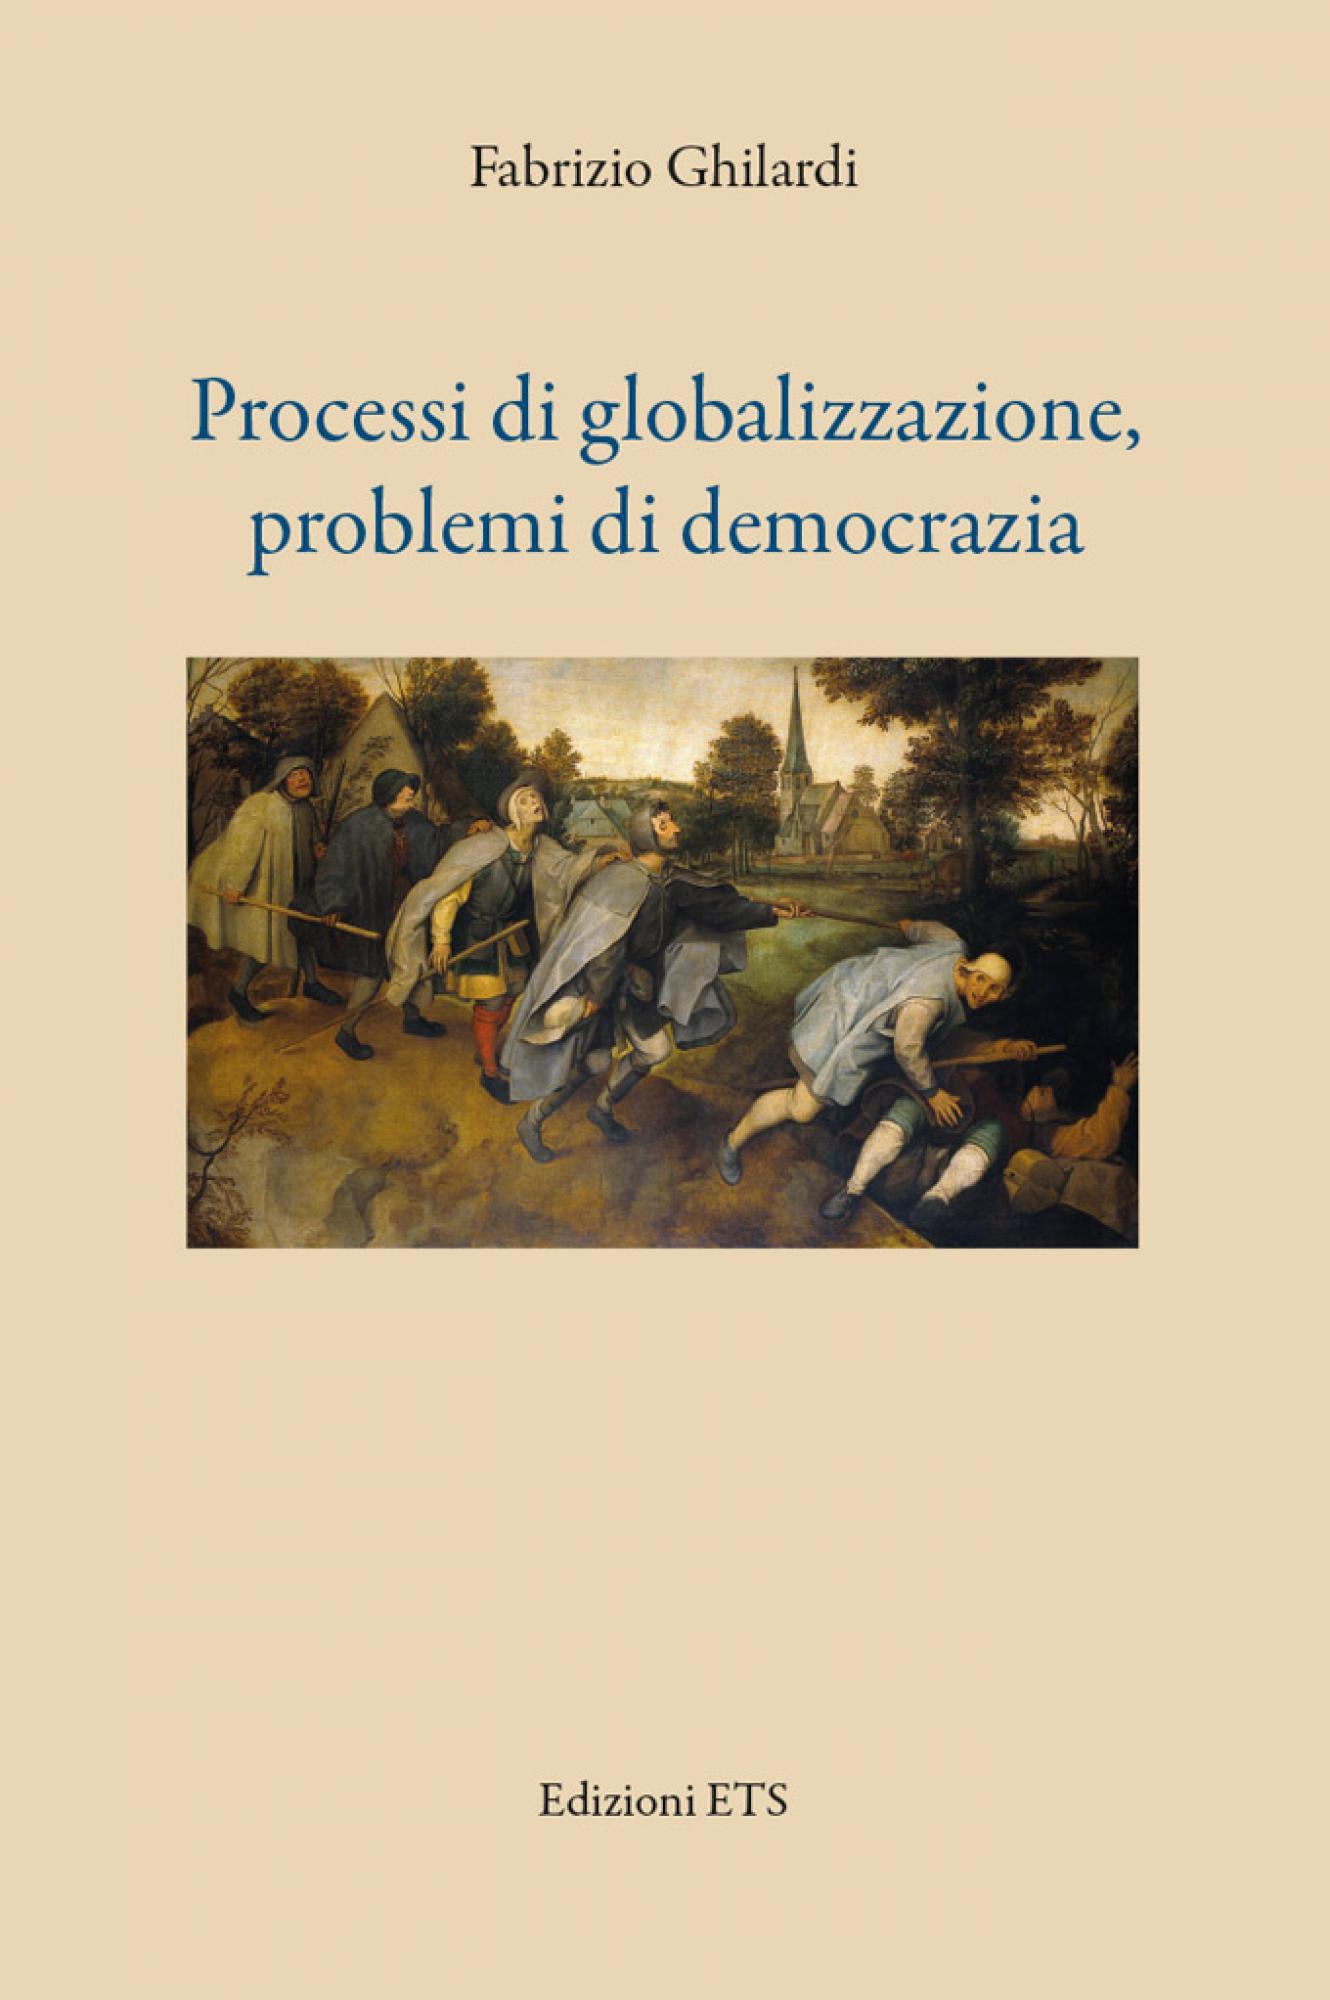 Processi di globalizzazione, problemi di democrazia